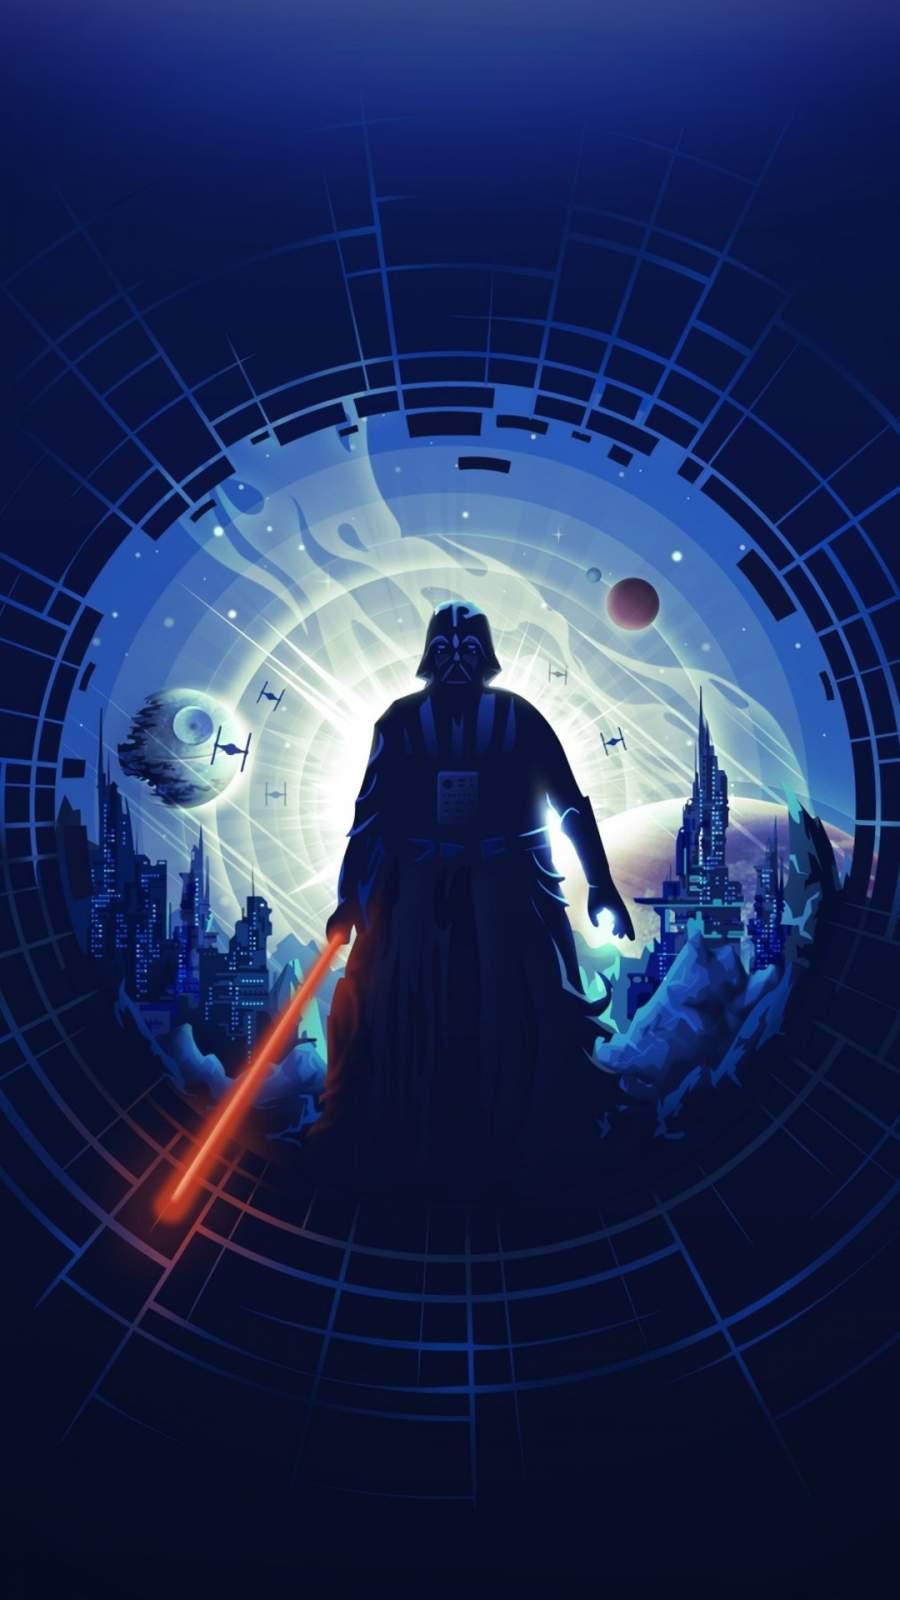 Darth Vader Star Wars Art iPhone Wallpaper